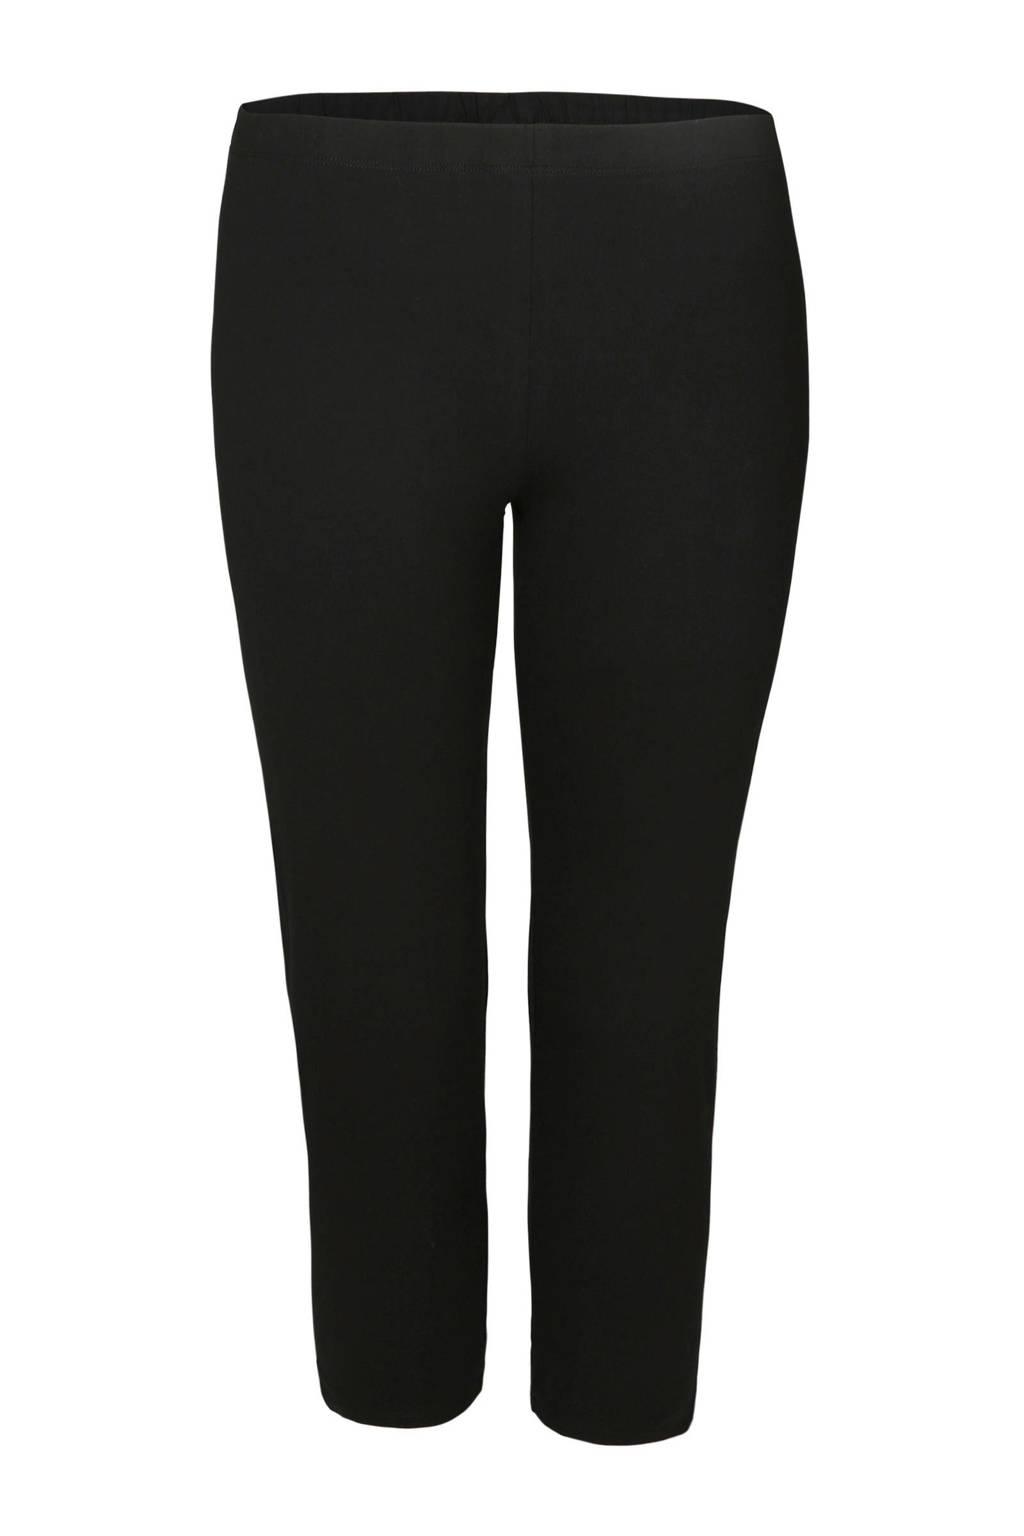 Paprika legging met biologisch katoen zwart, Zwart